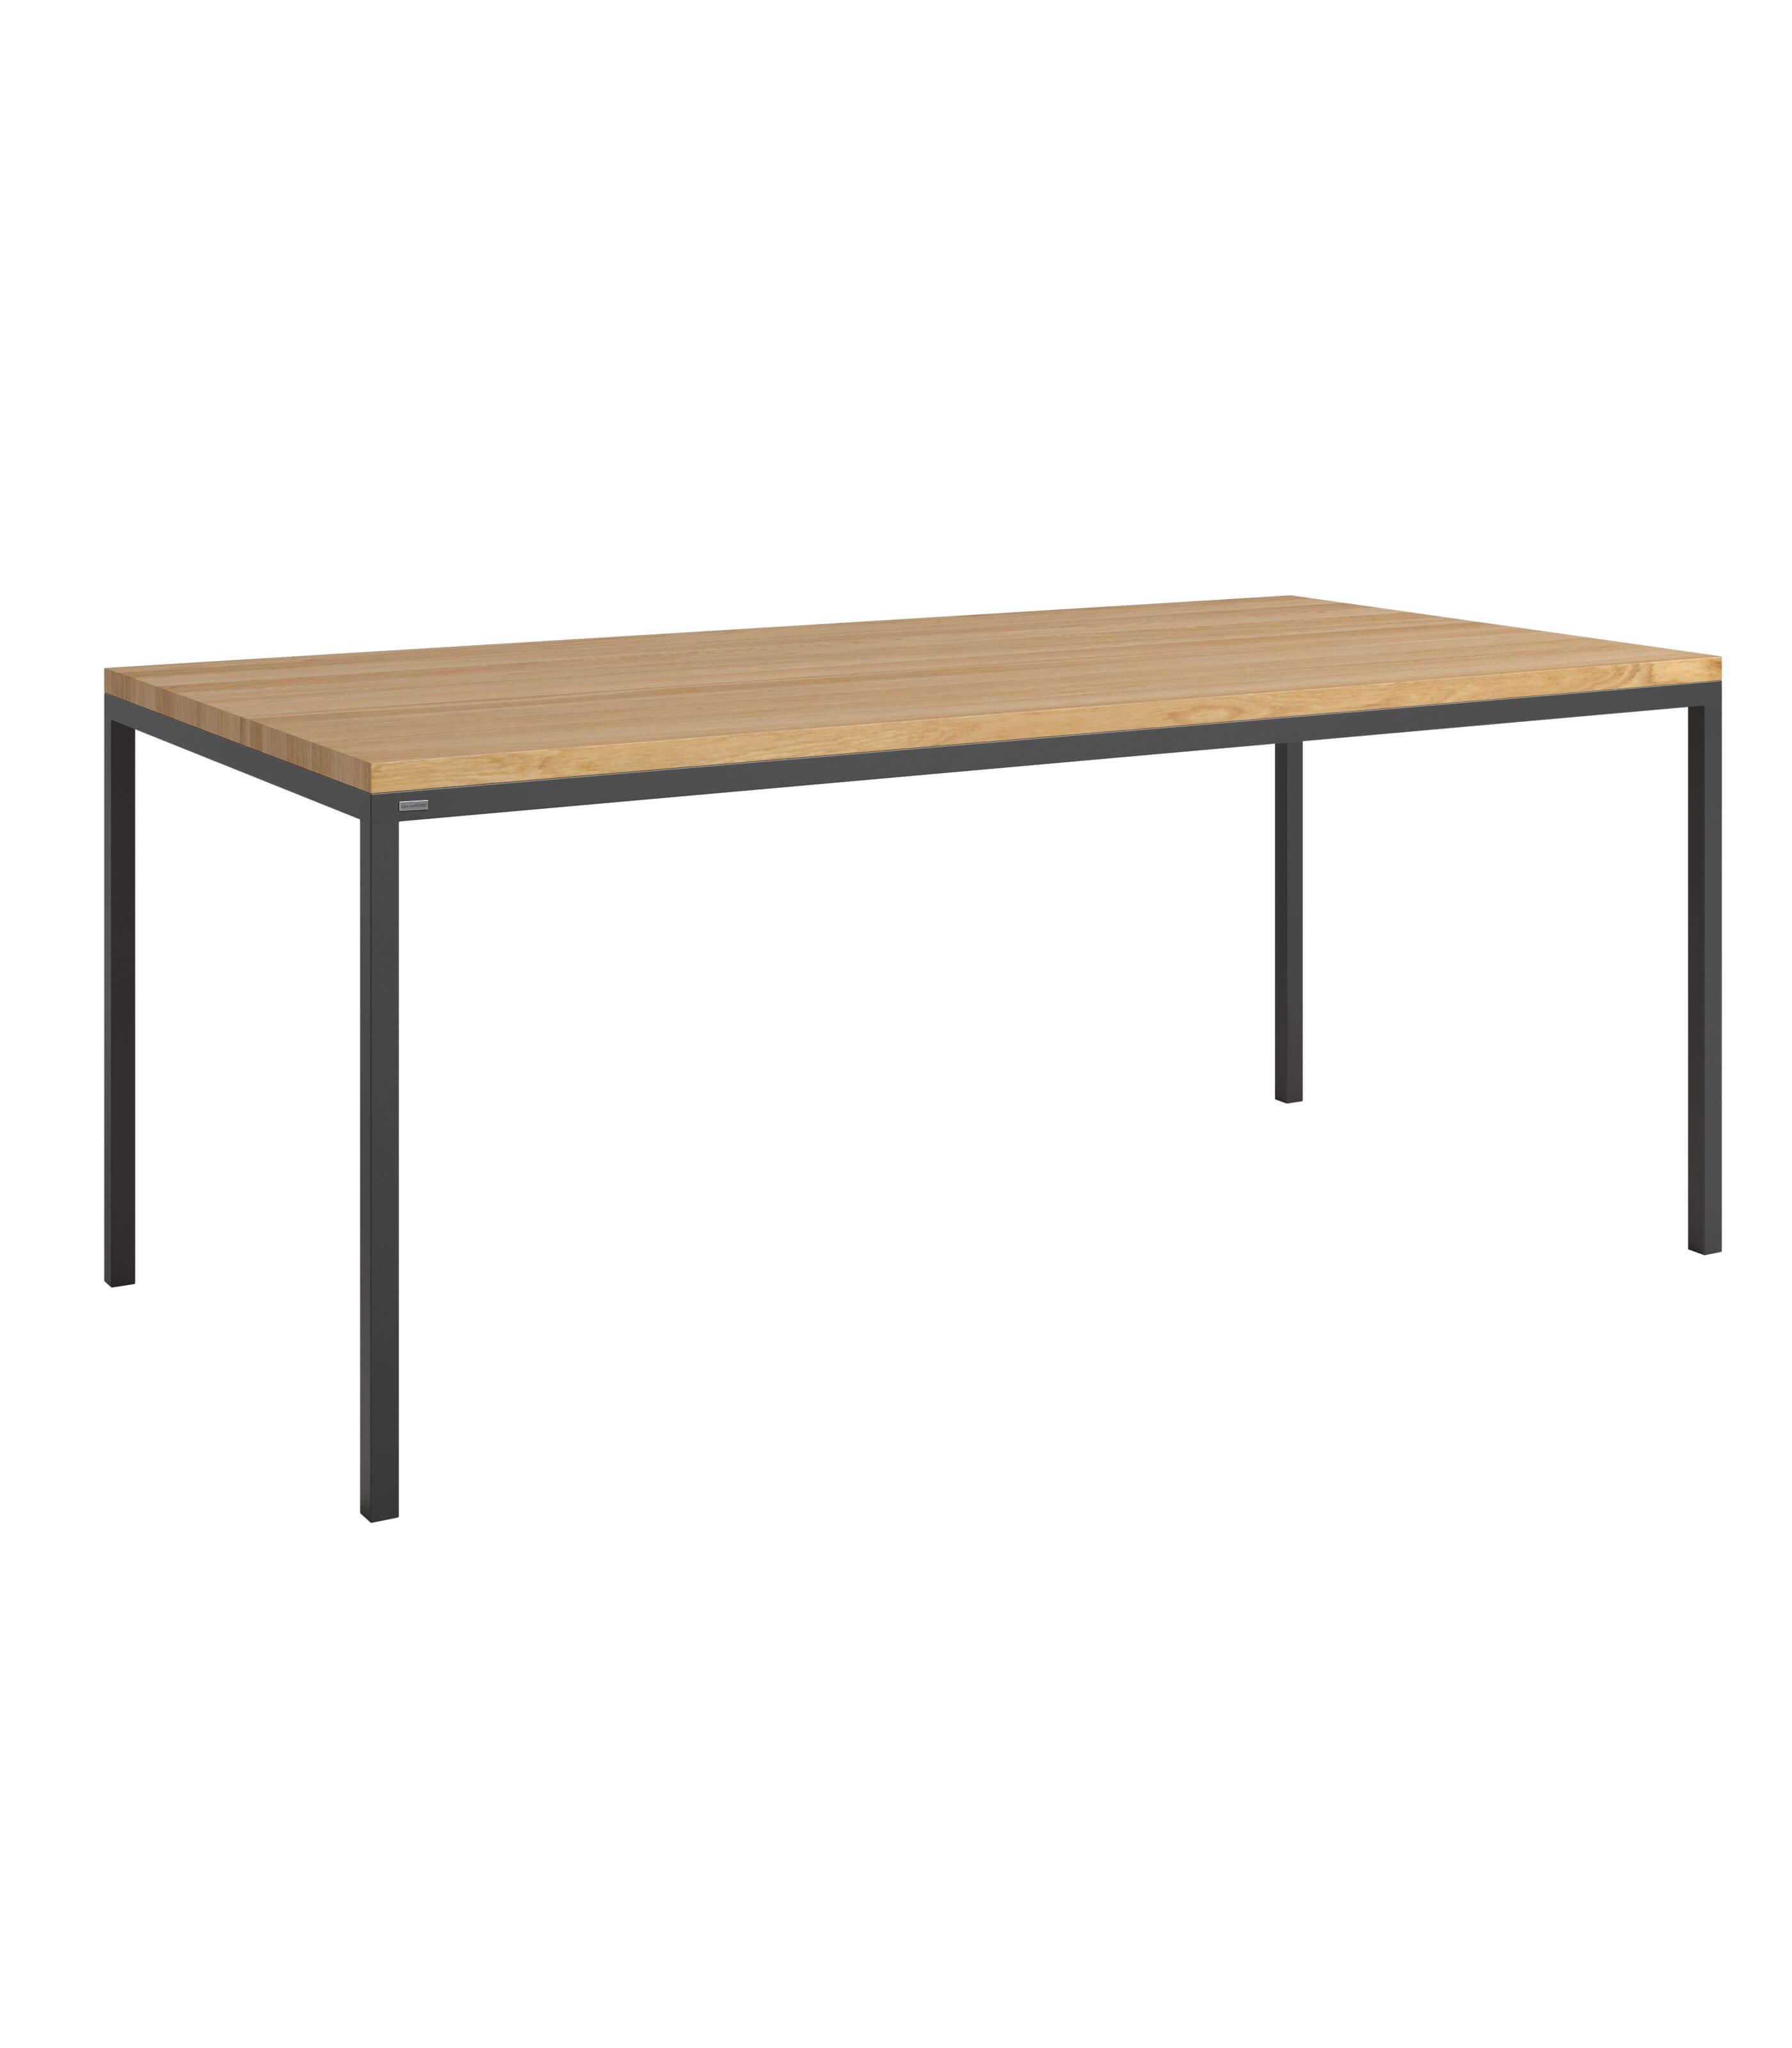 stół minimalistyczny drewniany czarny do jadalni